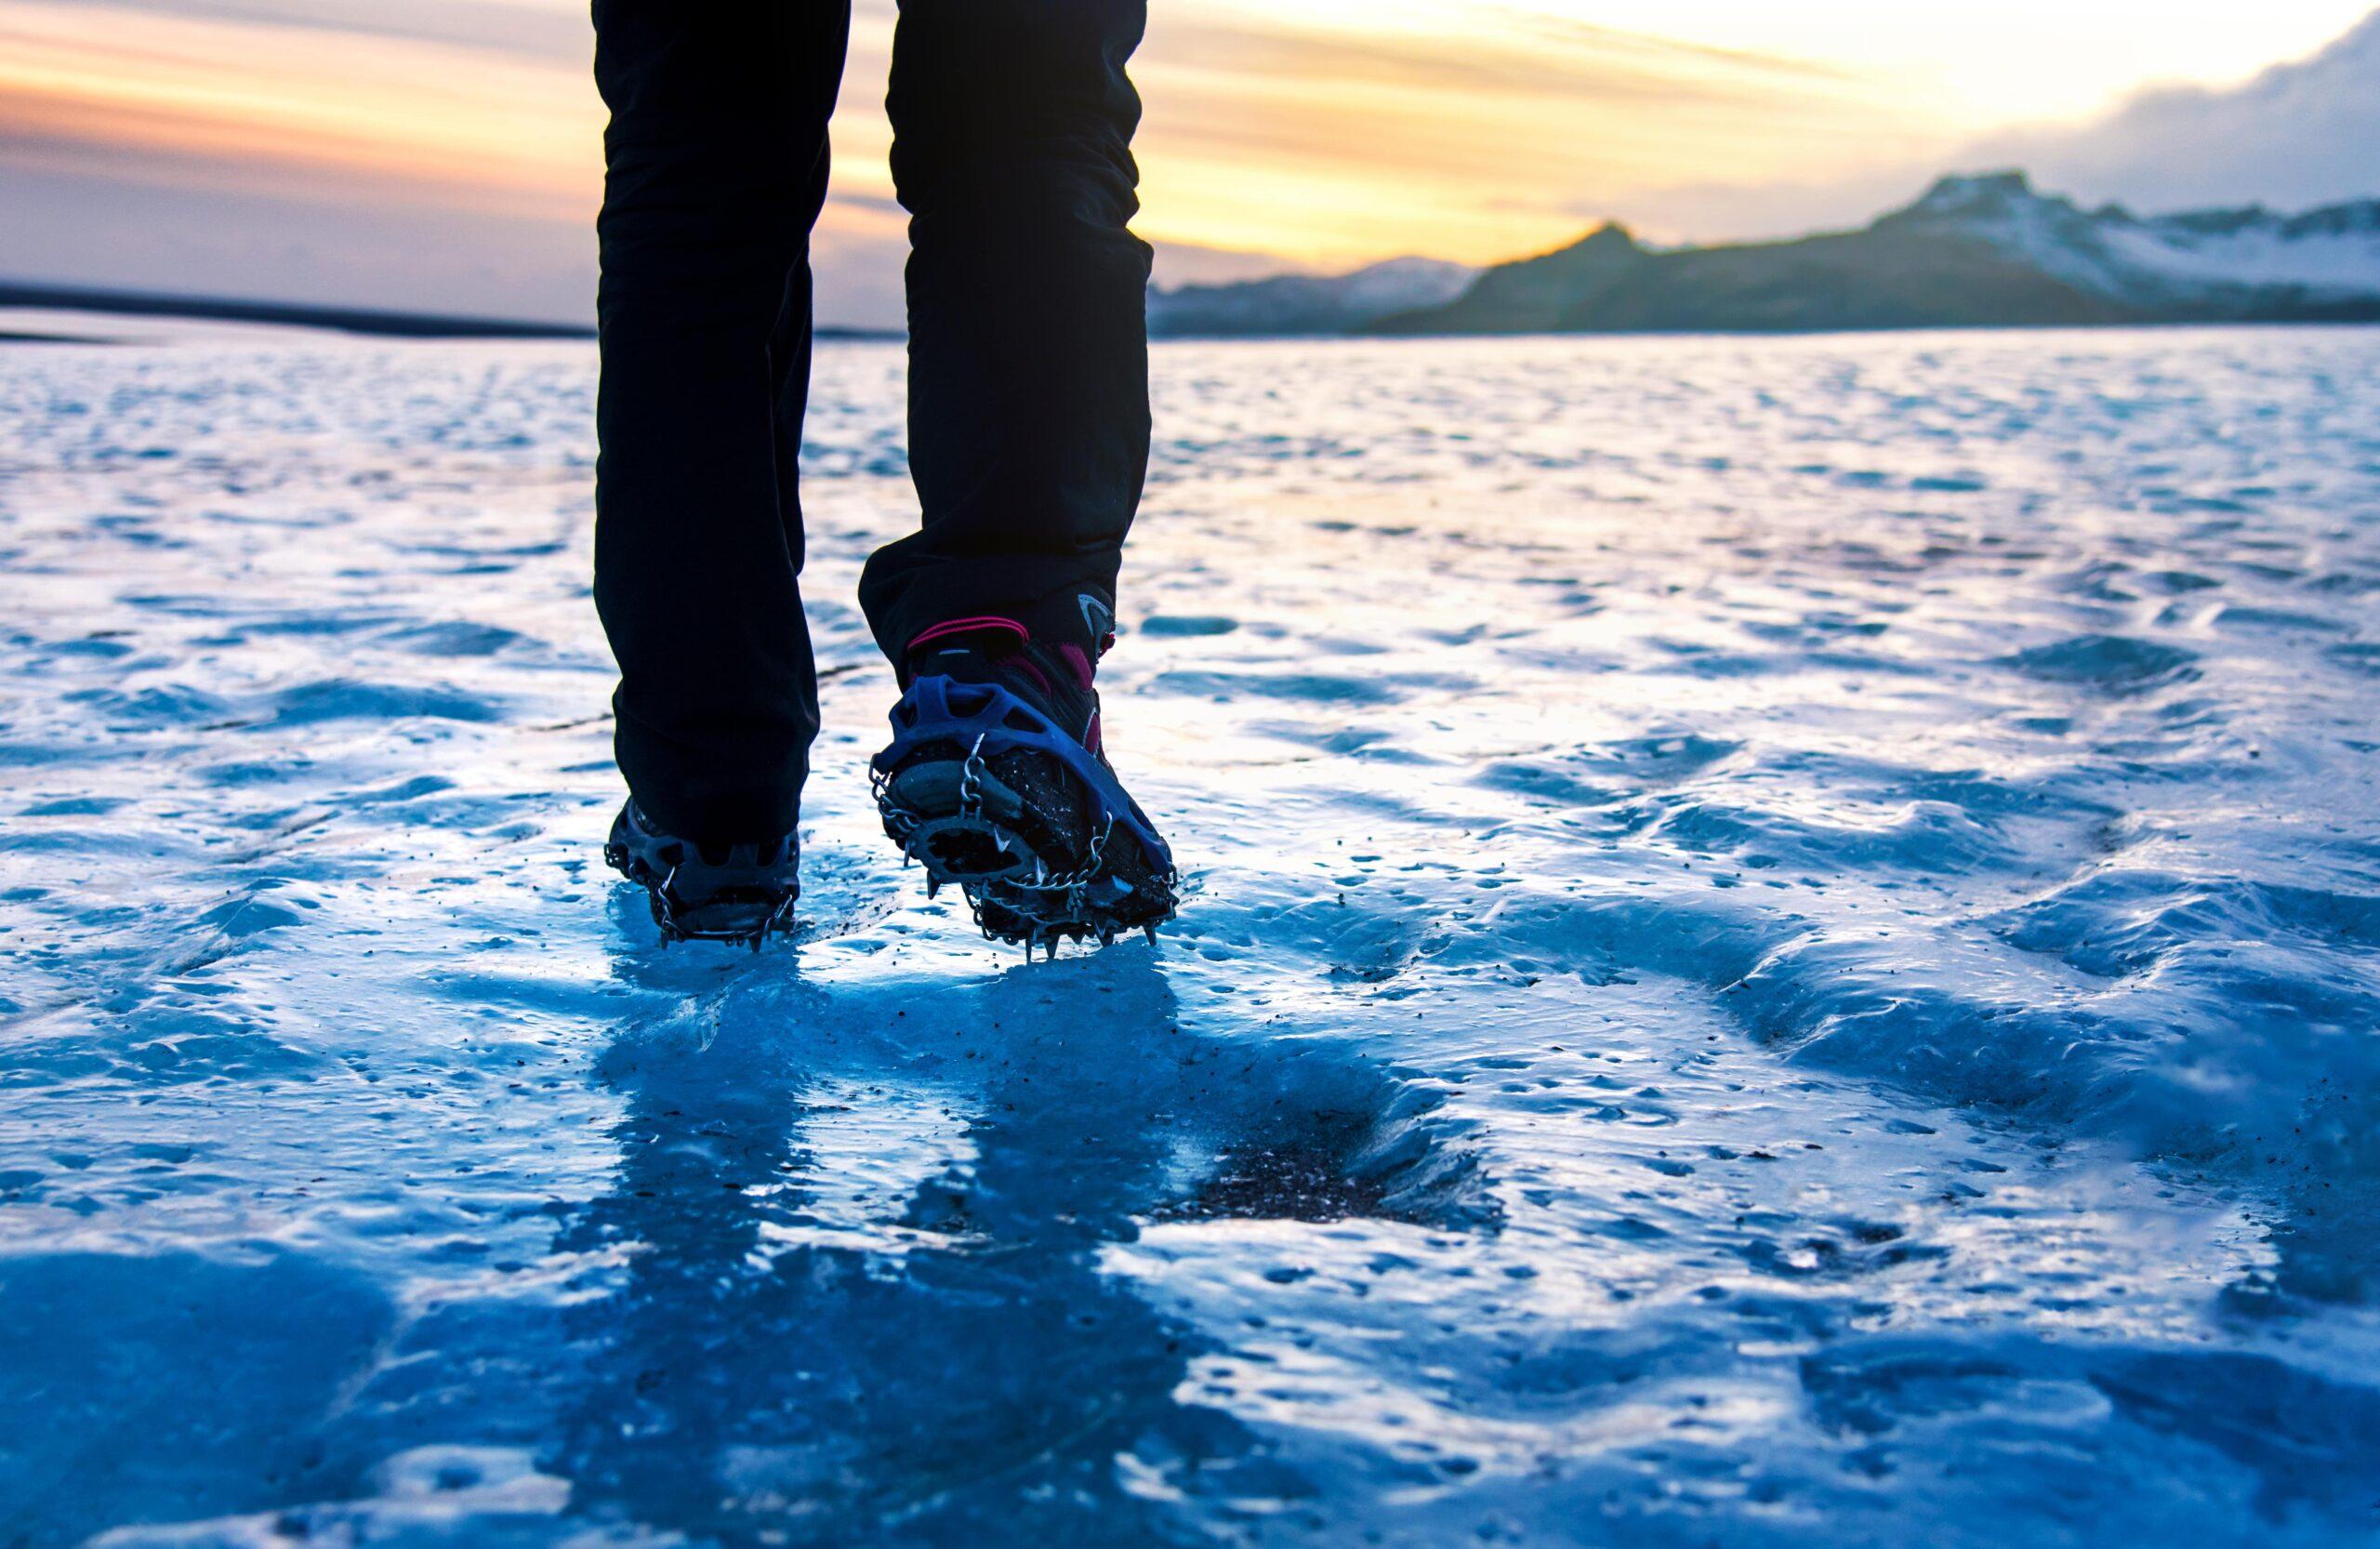 man walking on ice